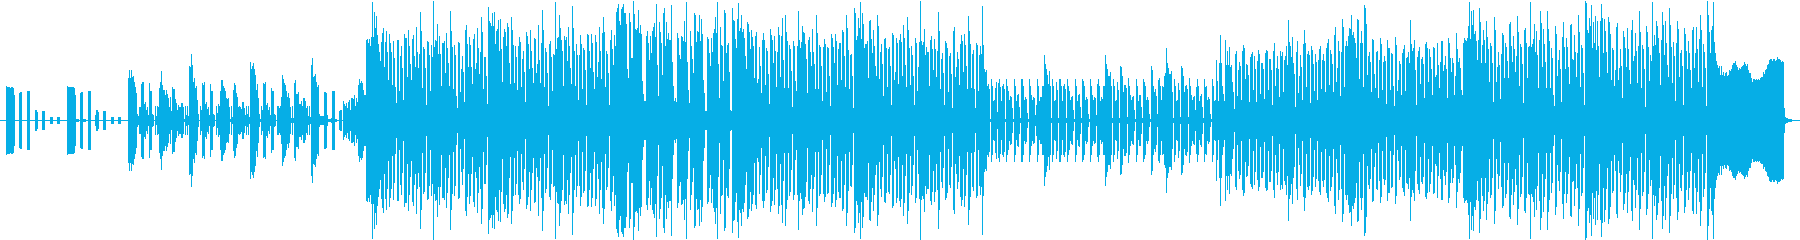 推進力のあるテクスチャー系の再生済みの波形